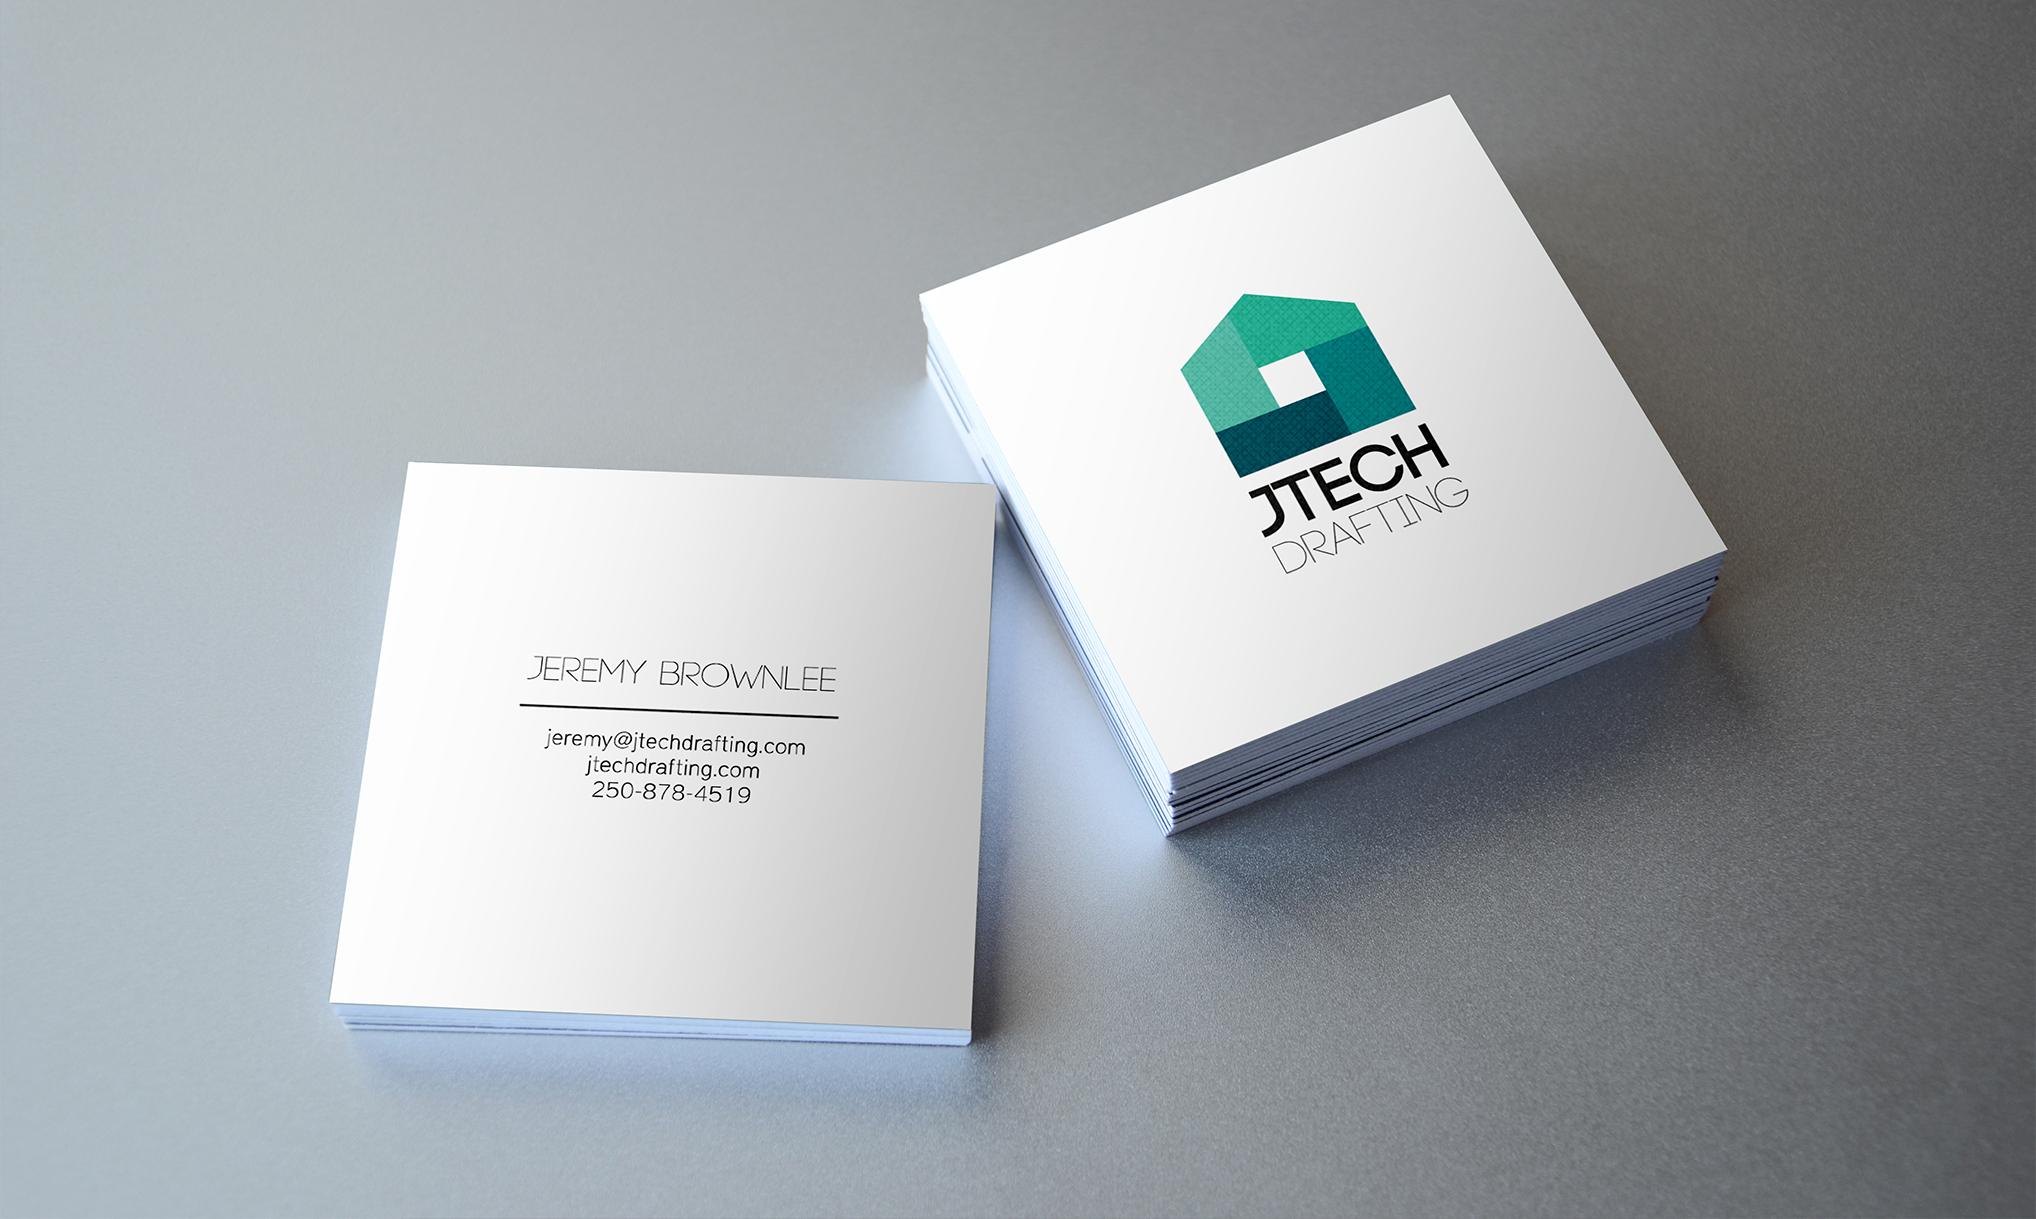 Jtech business card portfolio